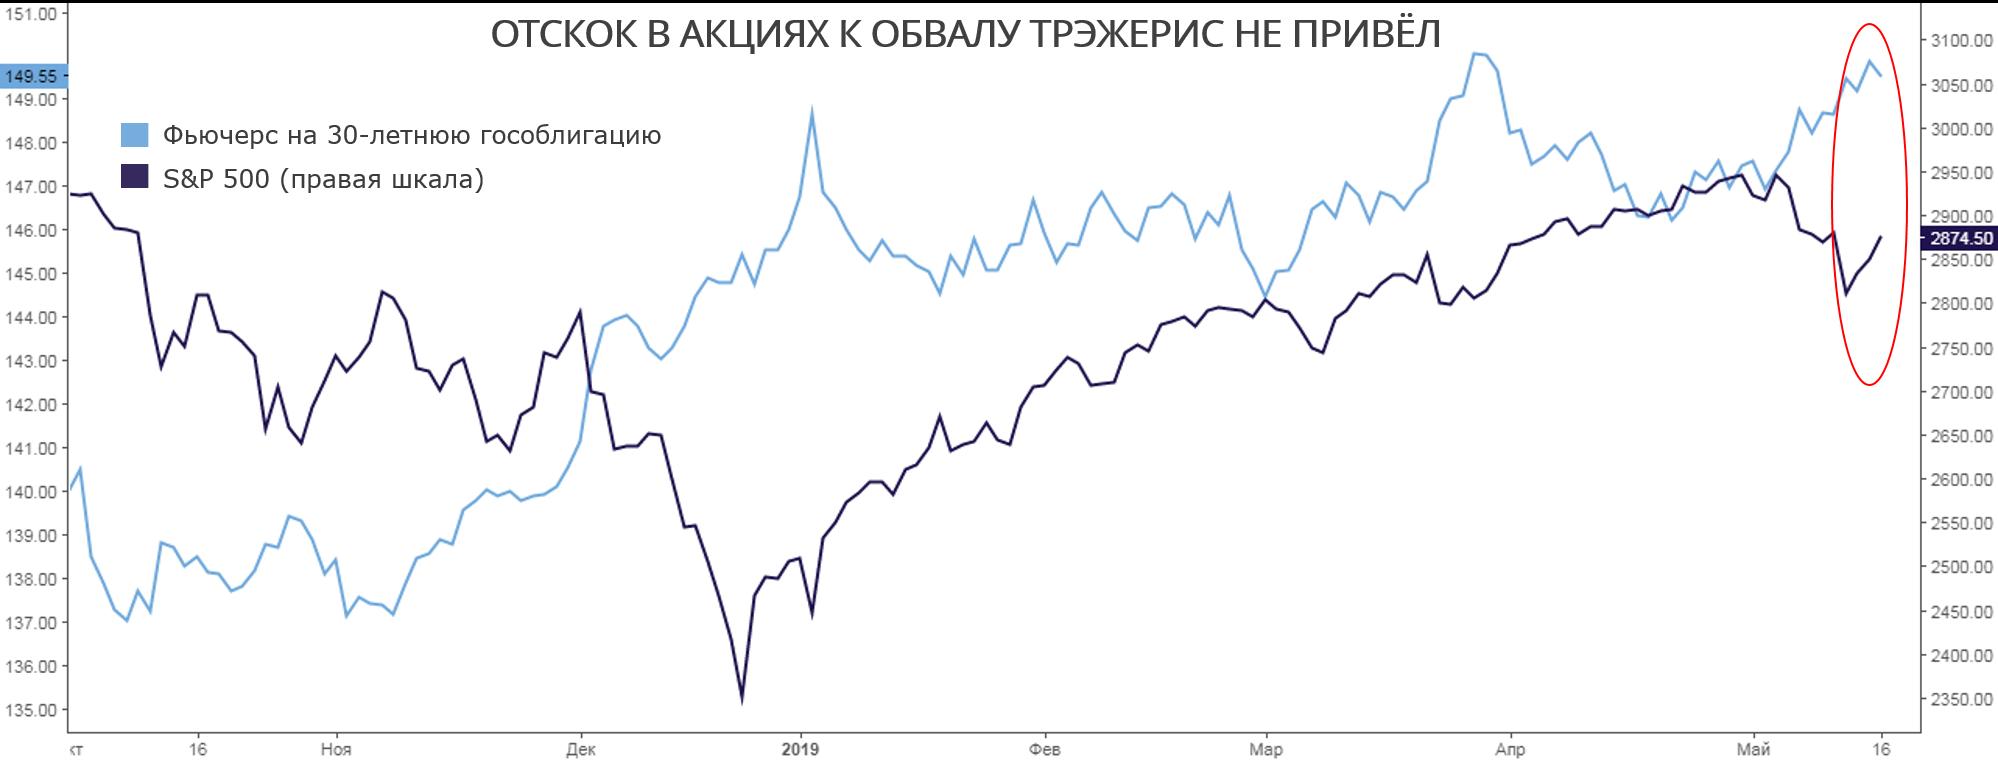 Осторожный рост американского фондового рынка